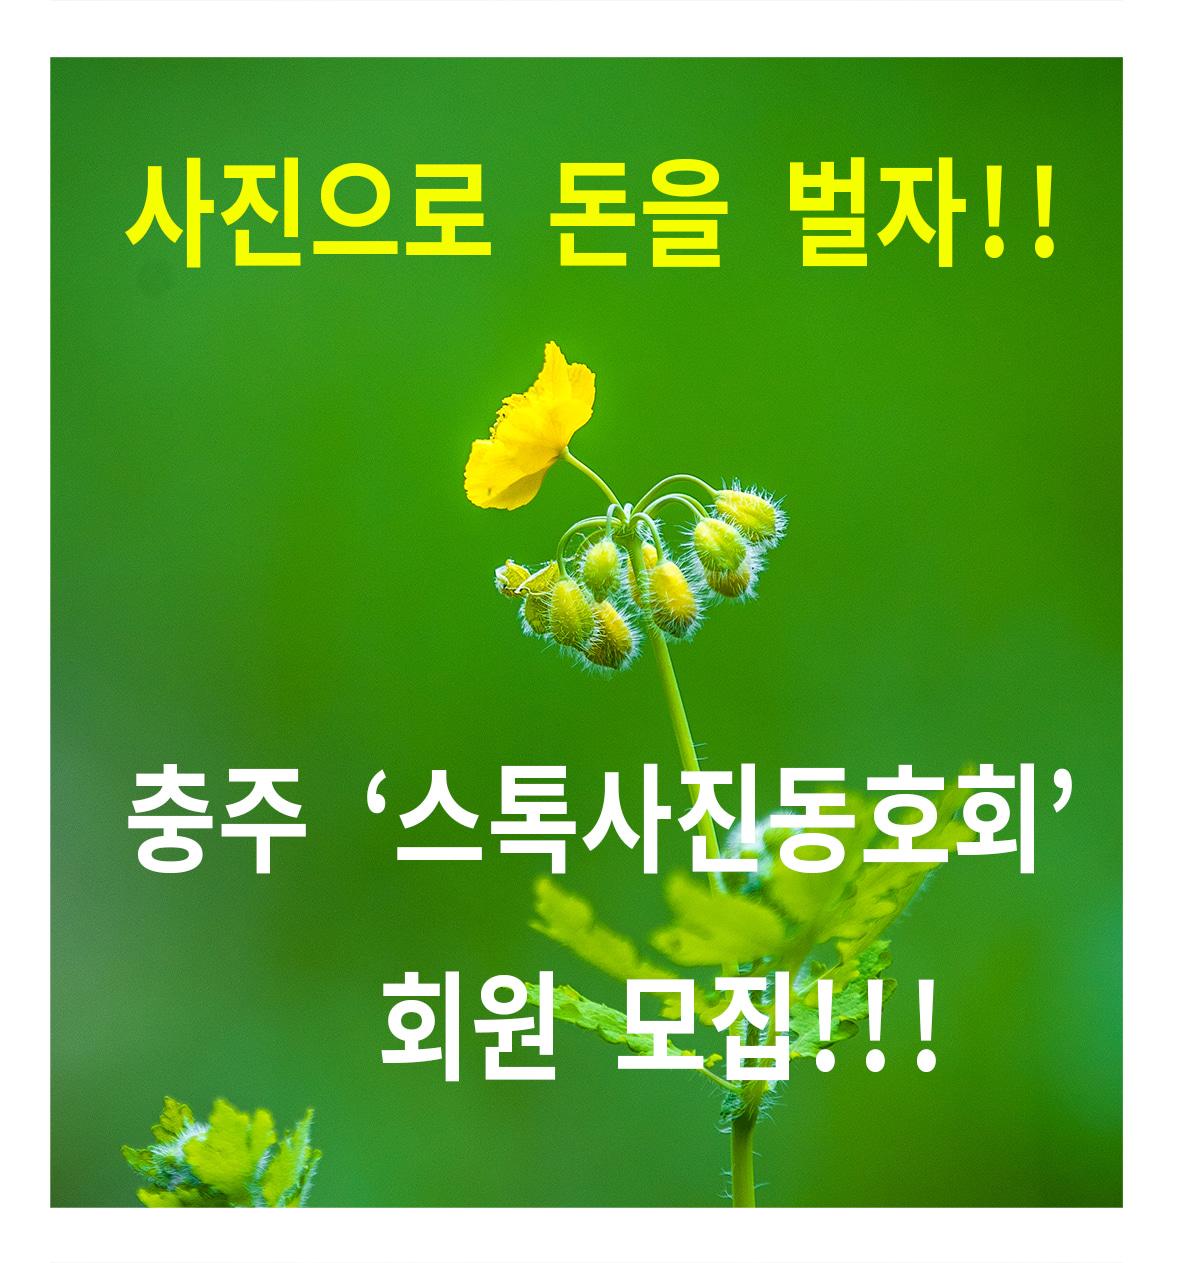 충주 스톡사진동호회 회원 모집합니다!!